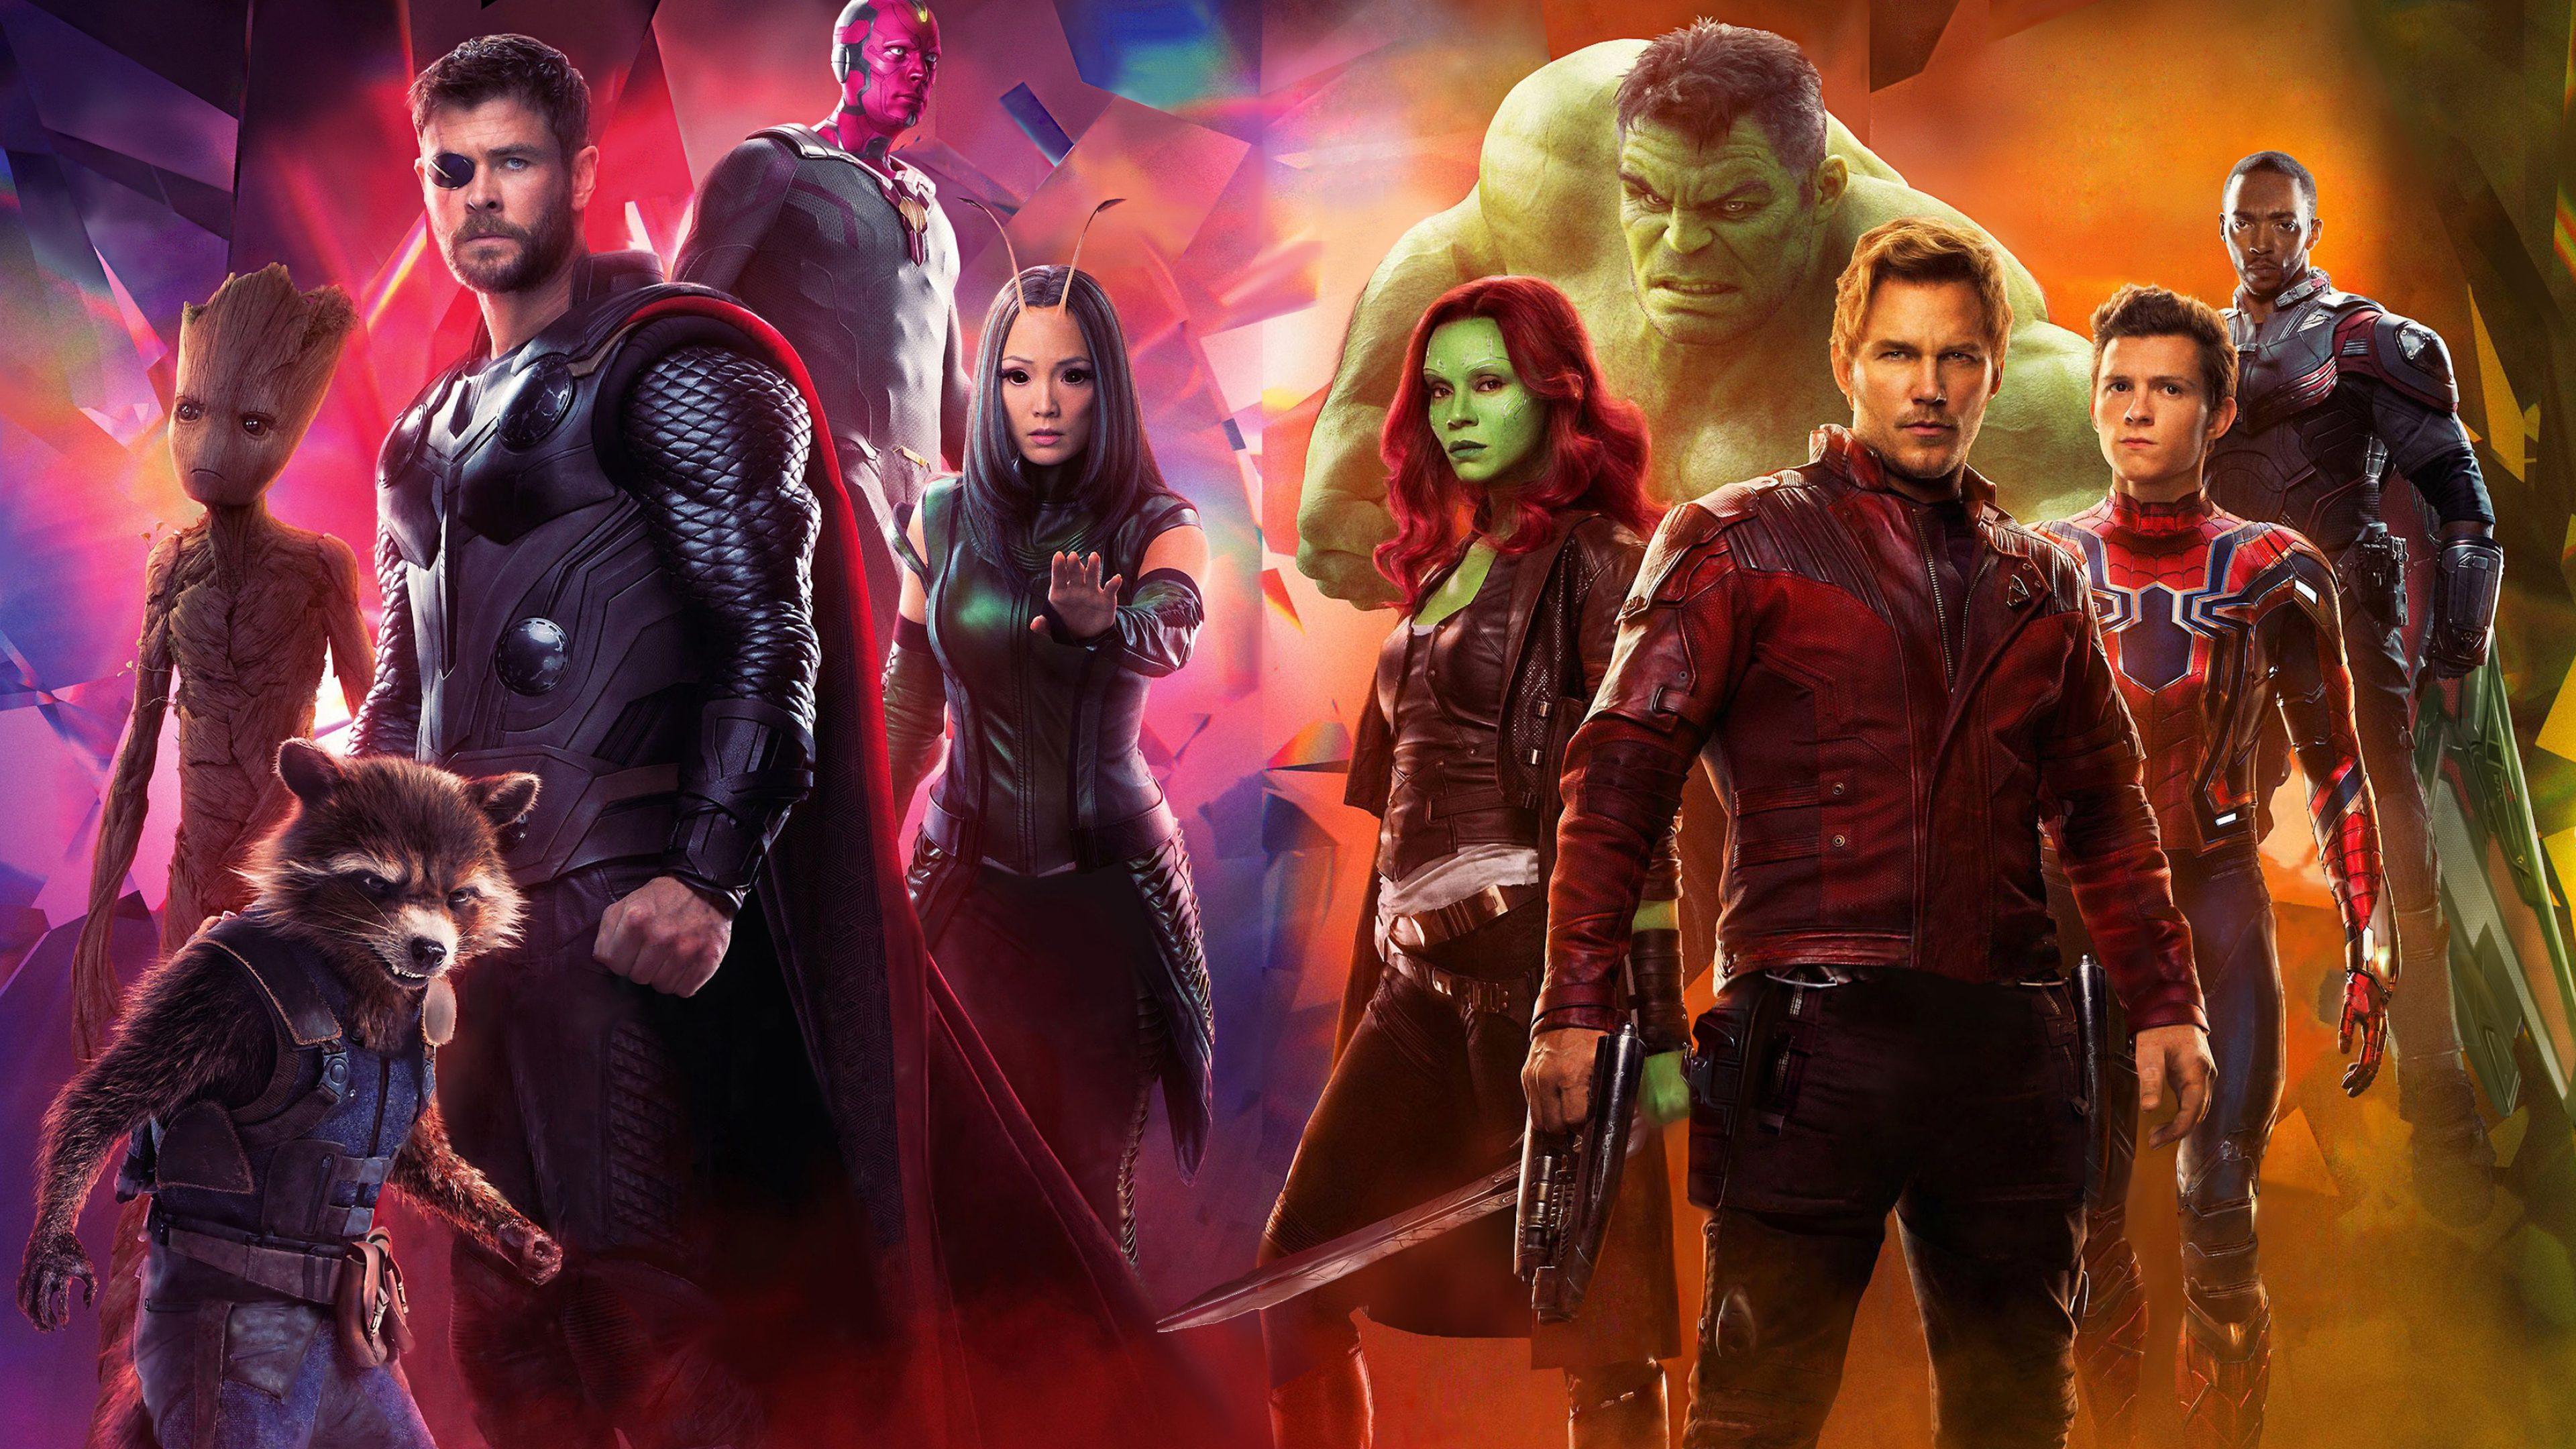 Avengers Infinity War 2018 Thanos 4k Uhd 3 2 3840x2560: Avengers: Infinity War 2018 4K Ultra HD Wallpaper